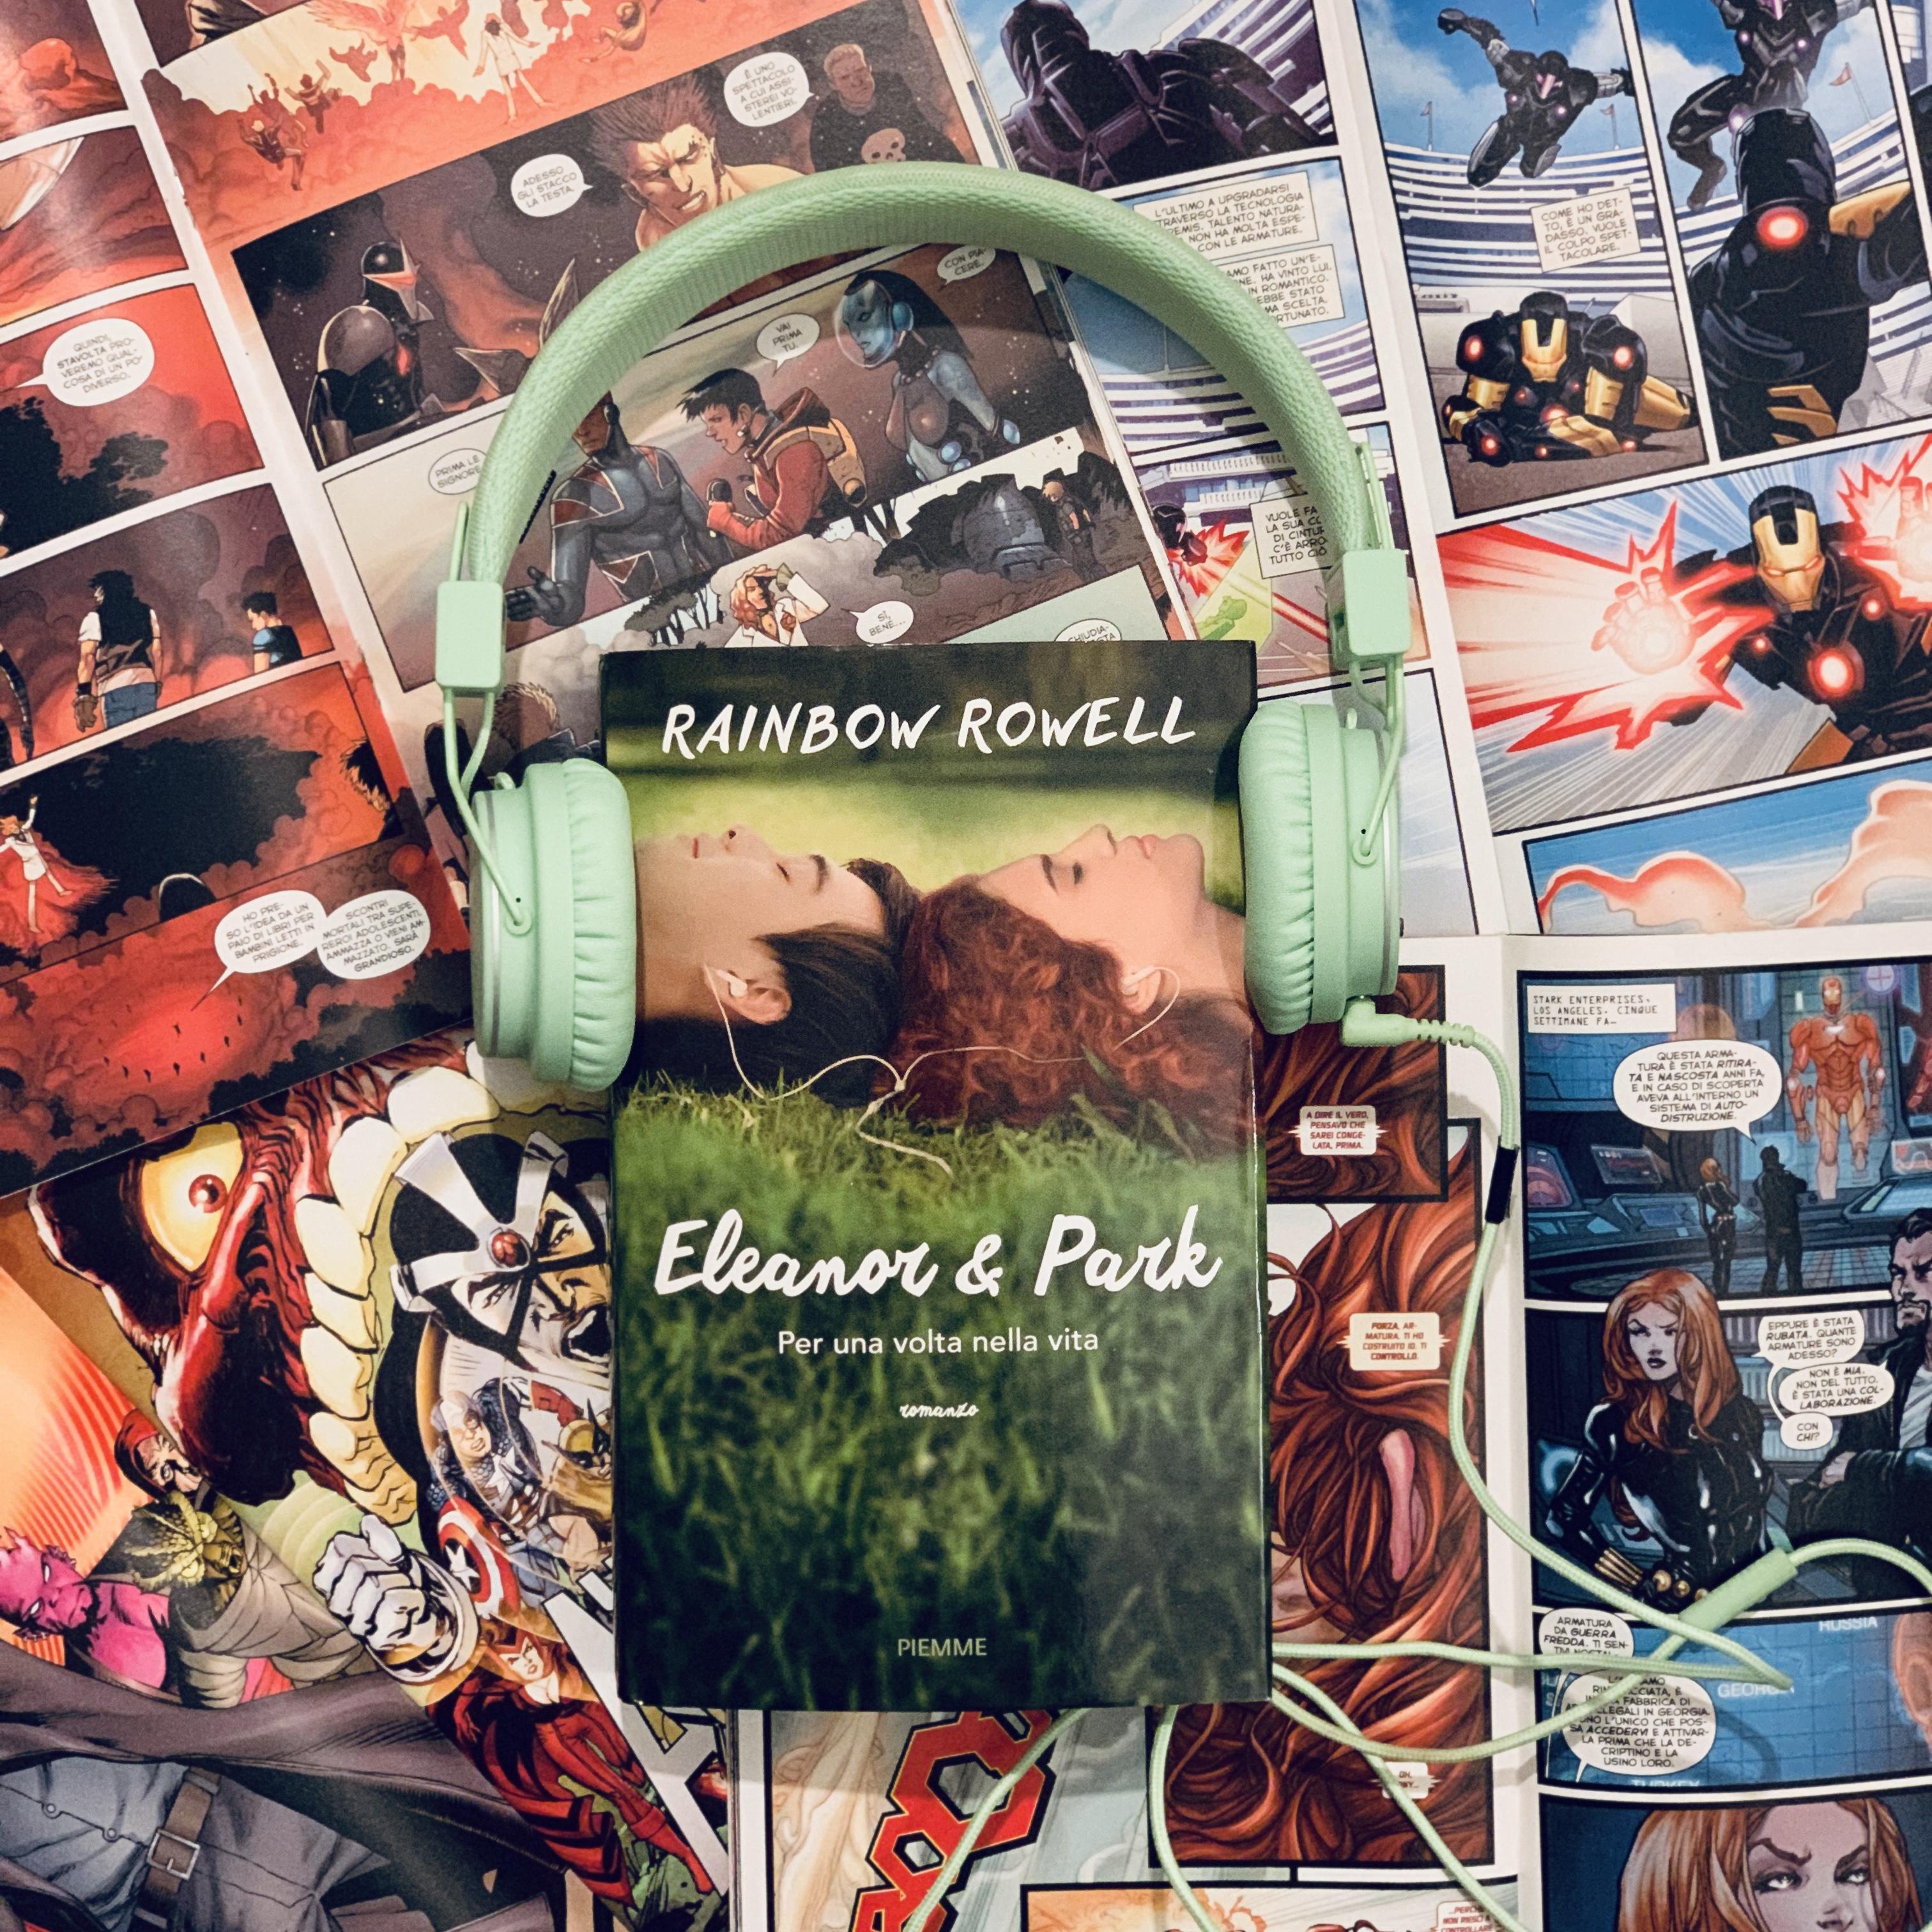 Eleanor & Park, Eleanor, Park, Rainbow Rowell, Romeo, Giulietta, Piemme, Young adult, romance, romanzo, adolescenza, primo amore, storia d'amore, anni '80, musica, fumetti, x men, watchman, Batman